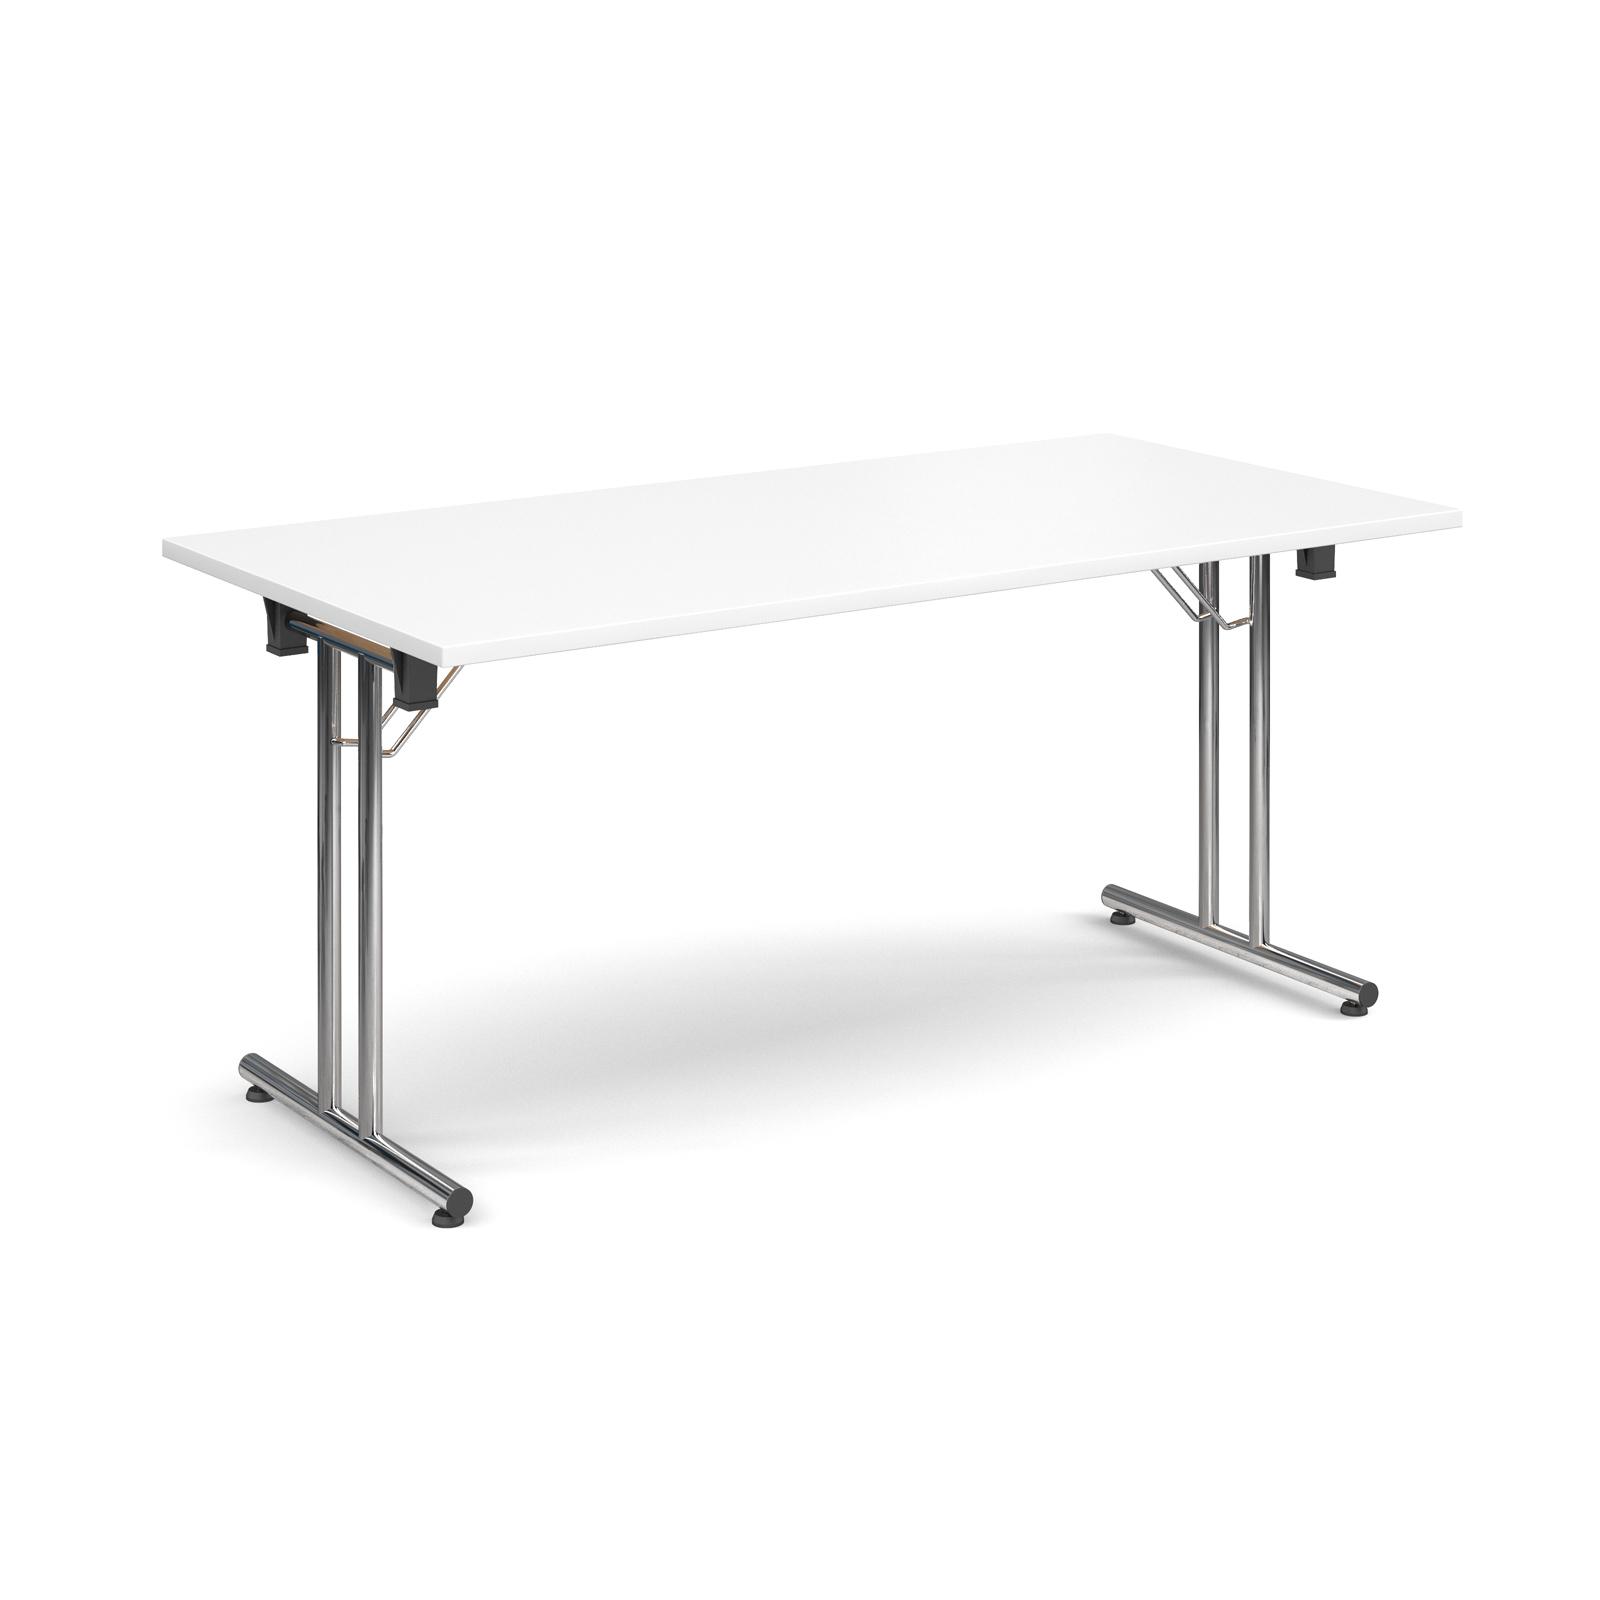 Rectangular deluxe folding leg table 1600mm x 800mm - white